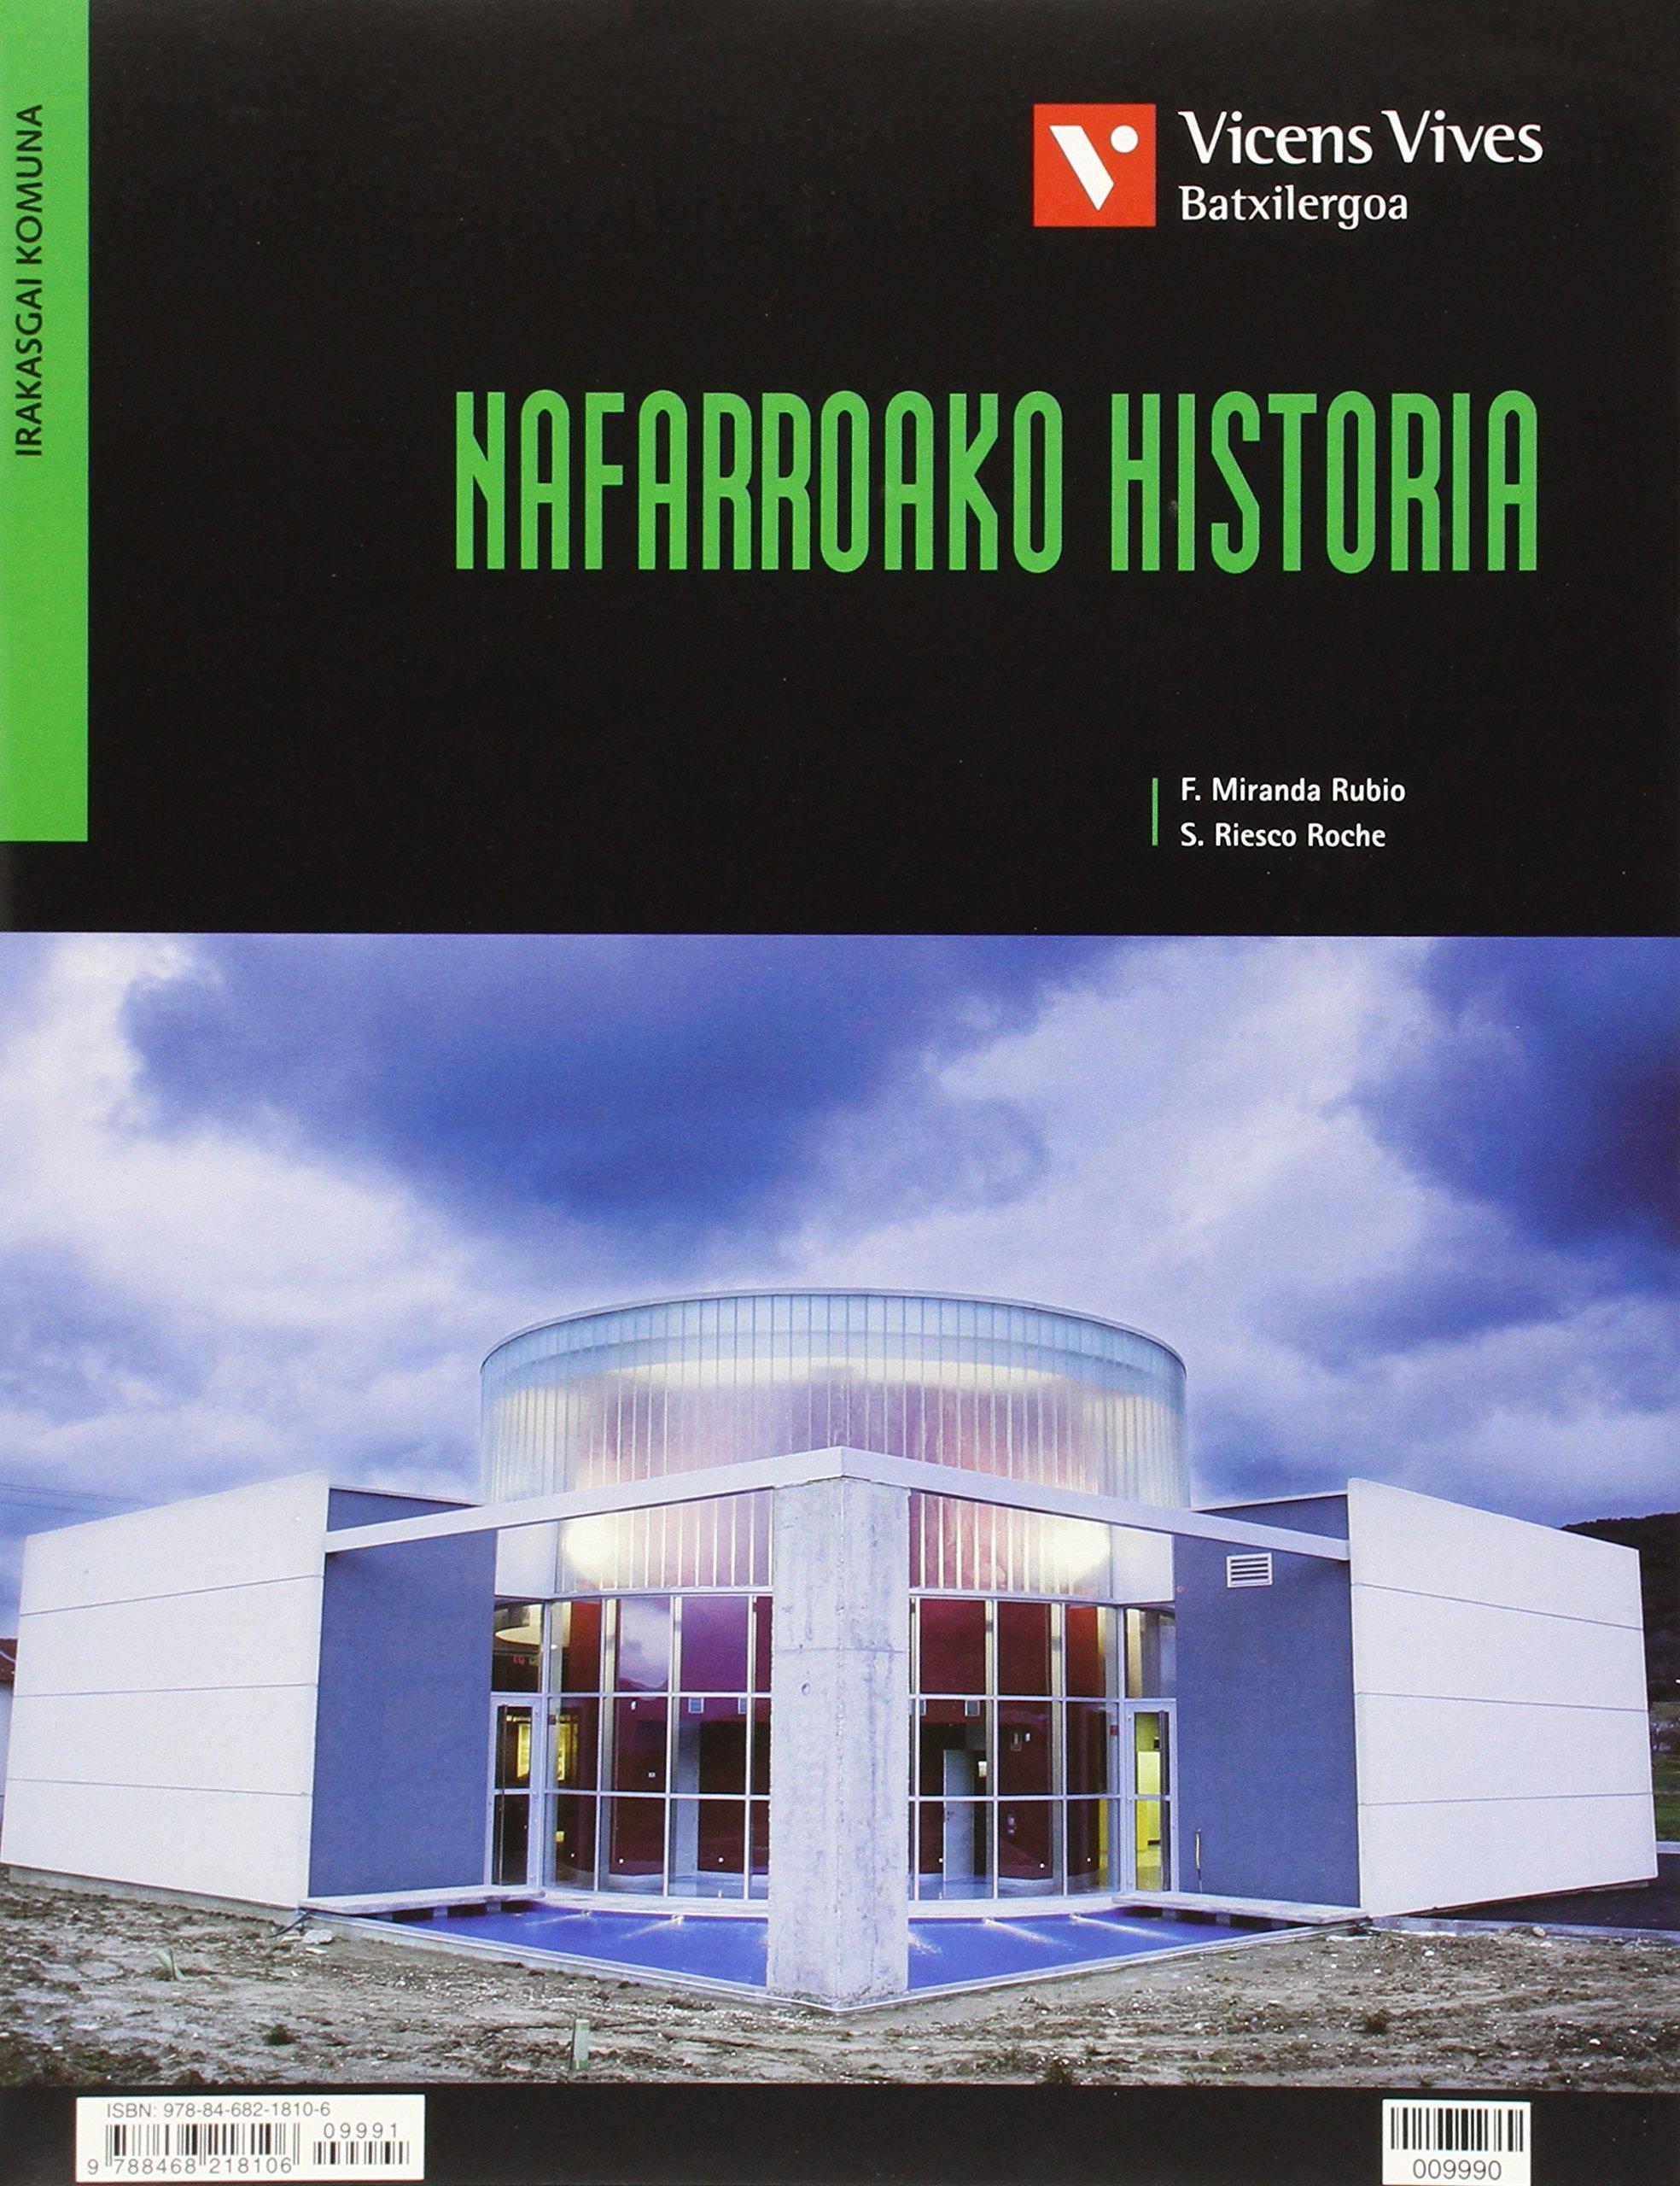 Nafarroako Historia hª España Euskera Separata - 9788468218106: Amazon.es: Miranda Rubio, Francisco, Riesco Roche, Sergio: Libros